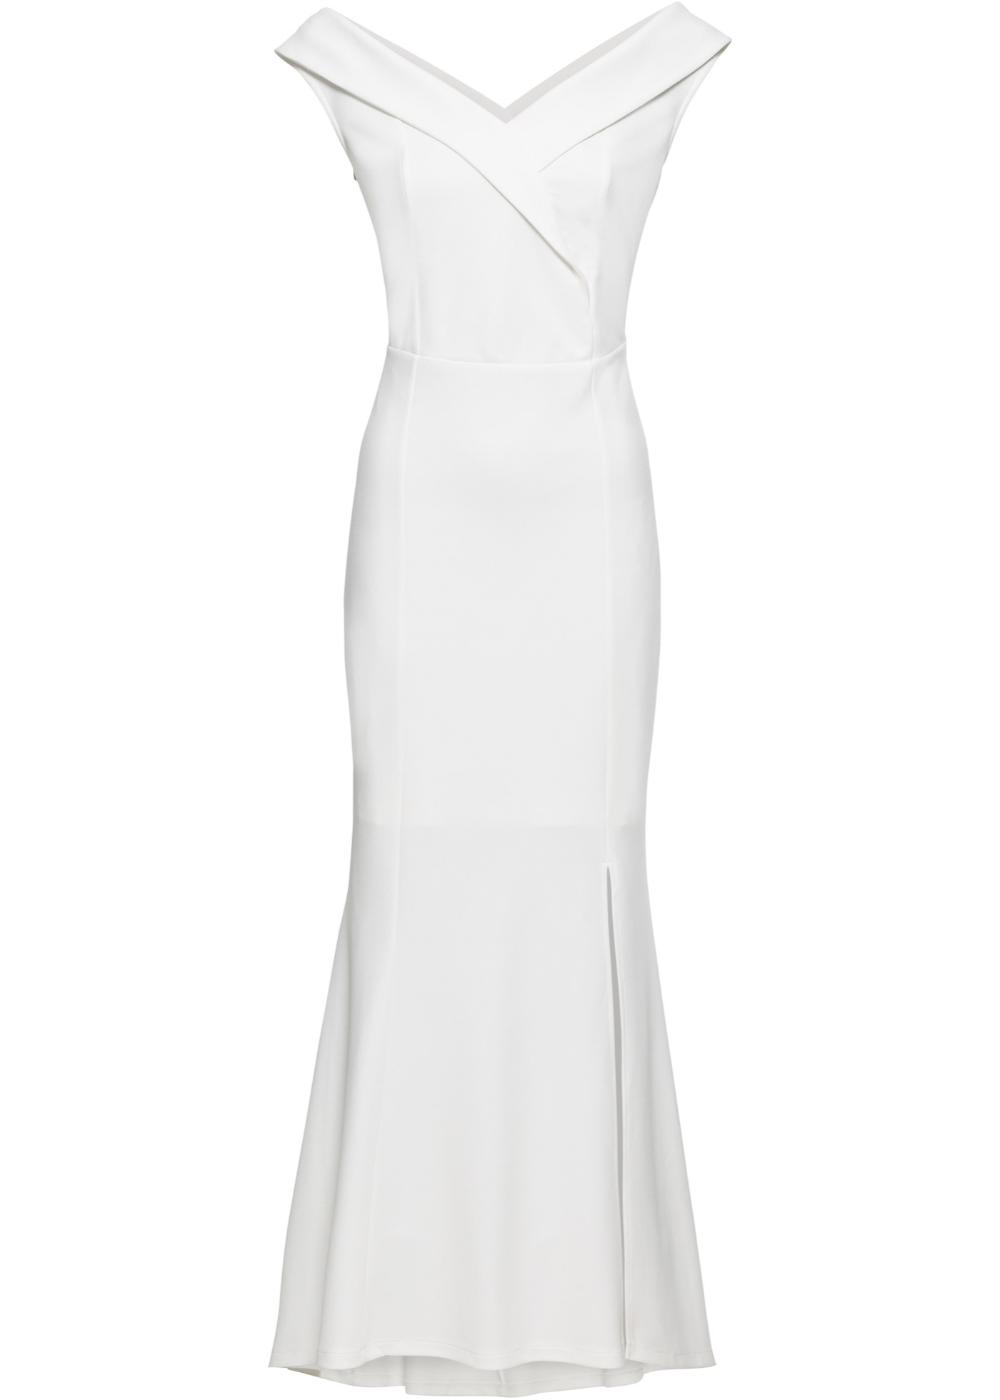 abend-carmen-kleid weiß - bodyflirt boutique online kaufen